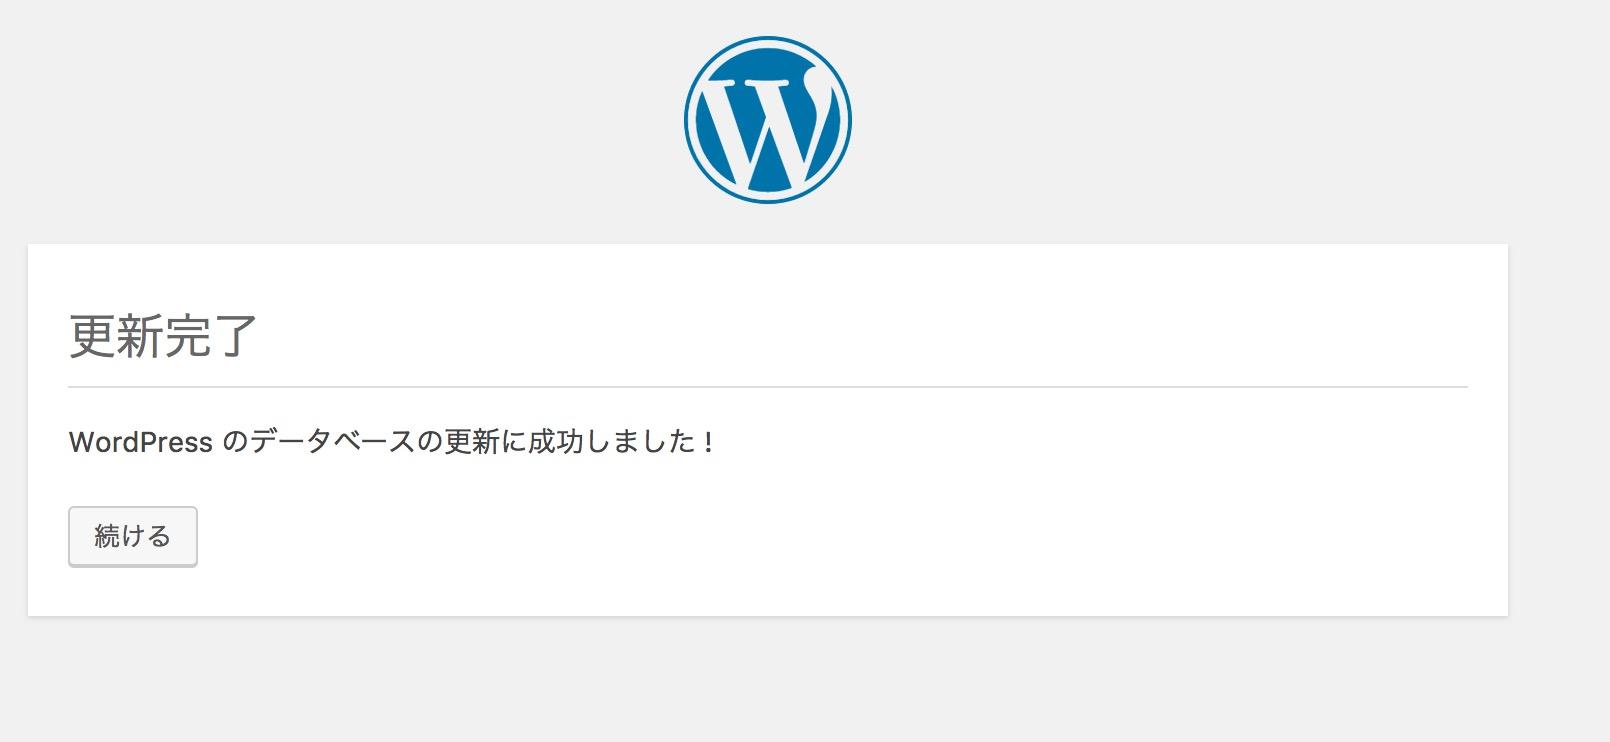 WordPress更新時に「データベースの更新が必要です」と表示!?更新してもいいのか?